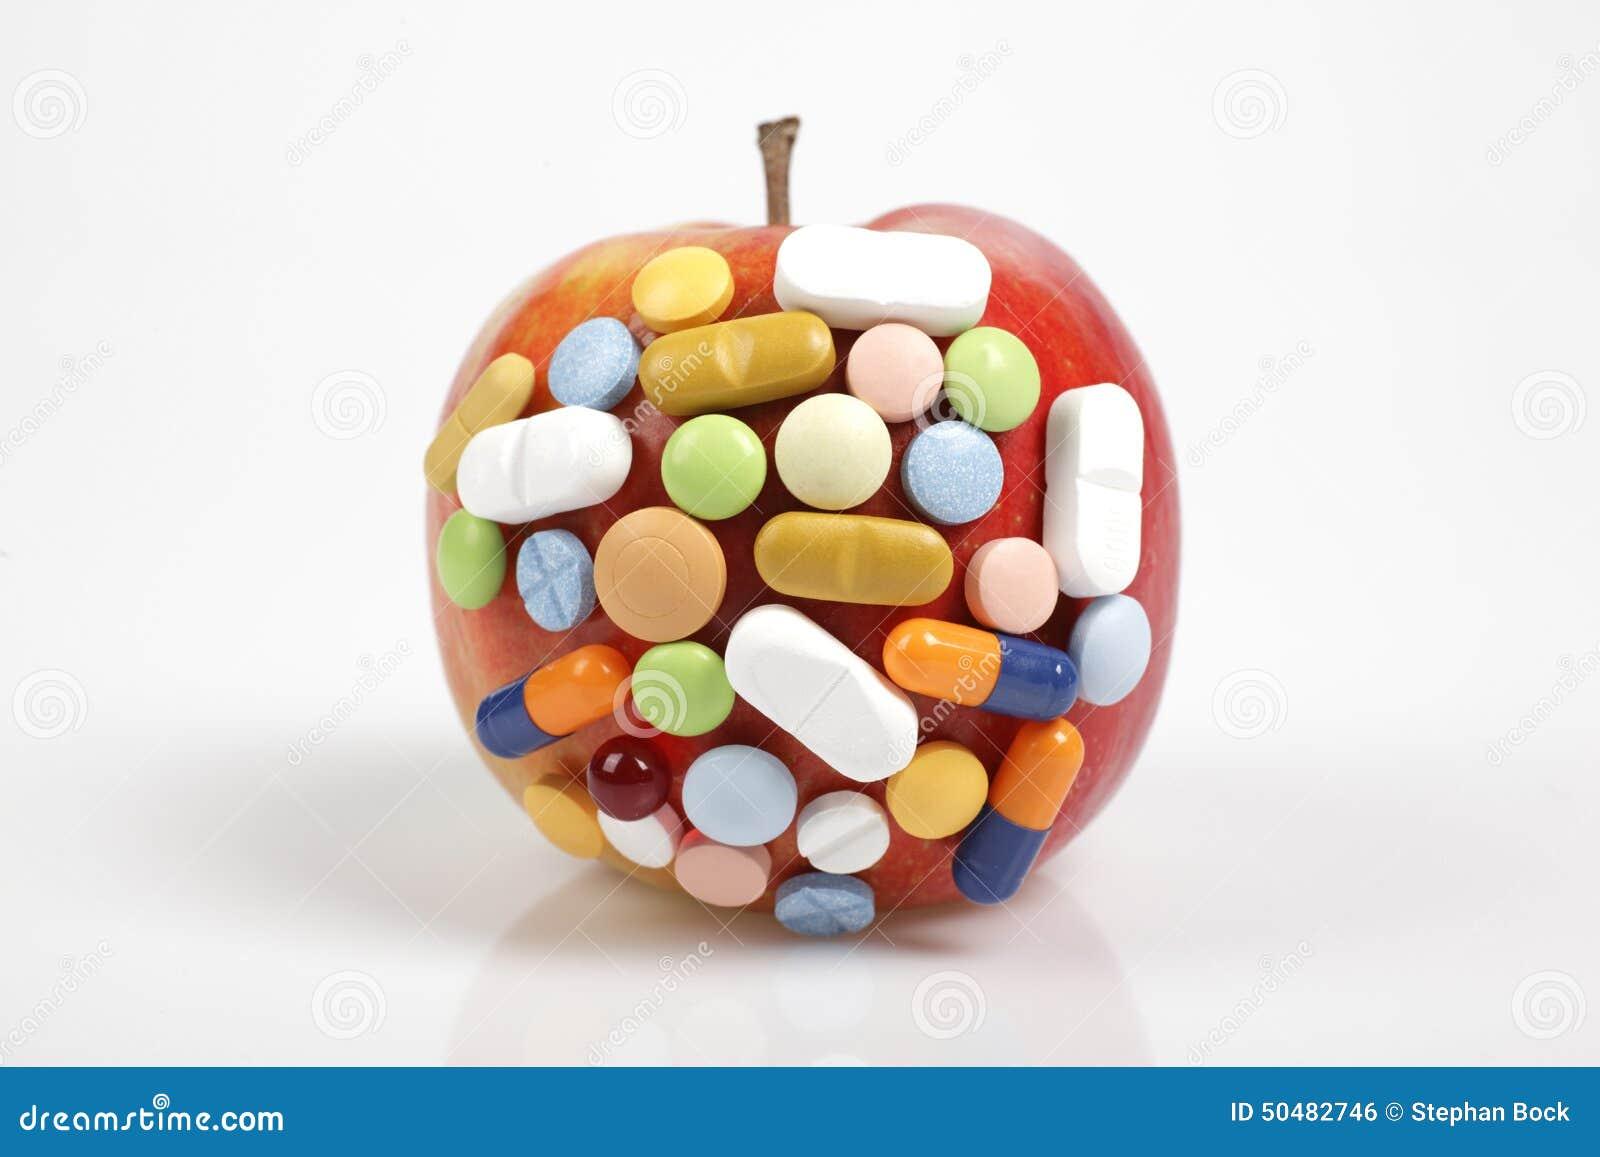 P ldoras en manzana en el fondo blanco que simboliza la for La quimica en la gastronomia